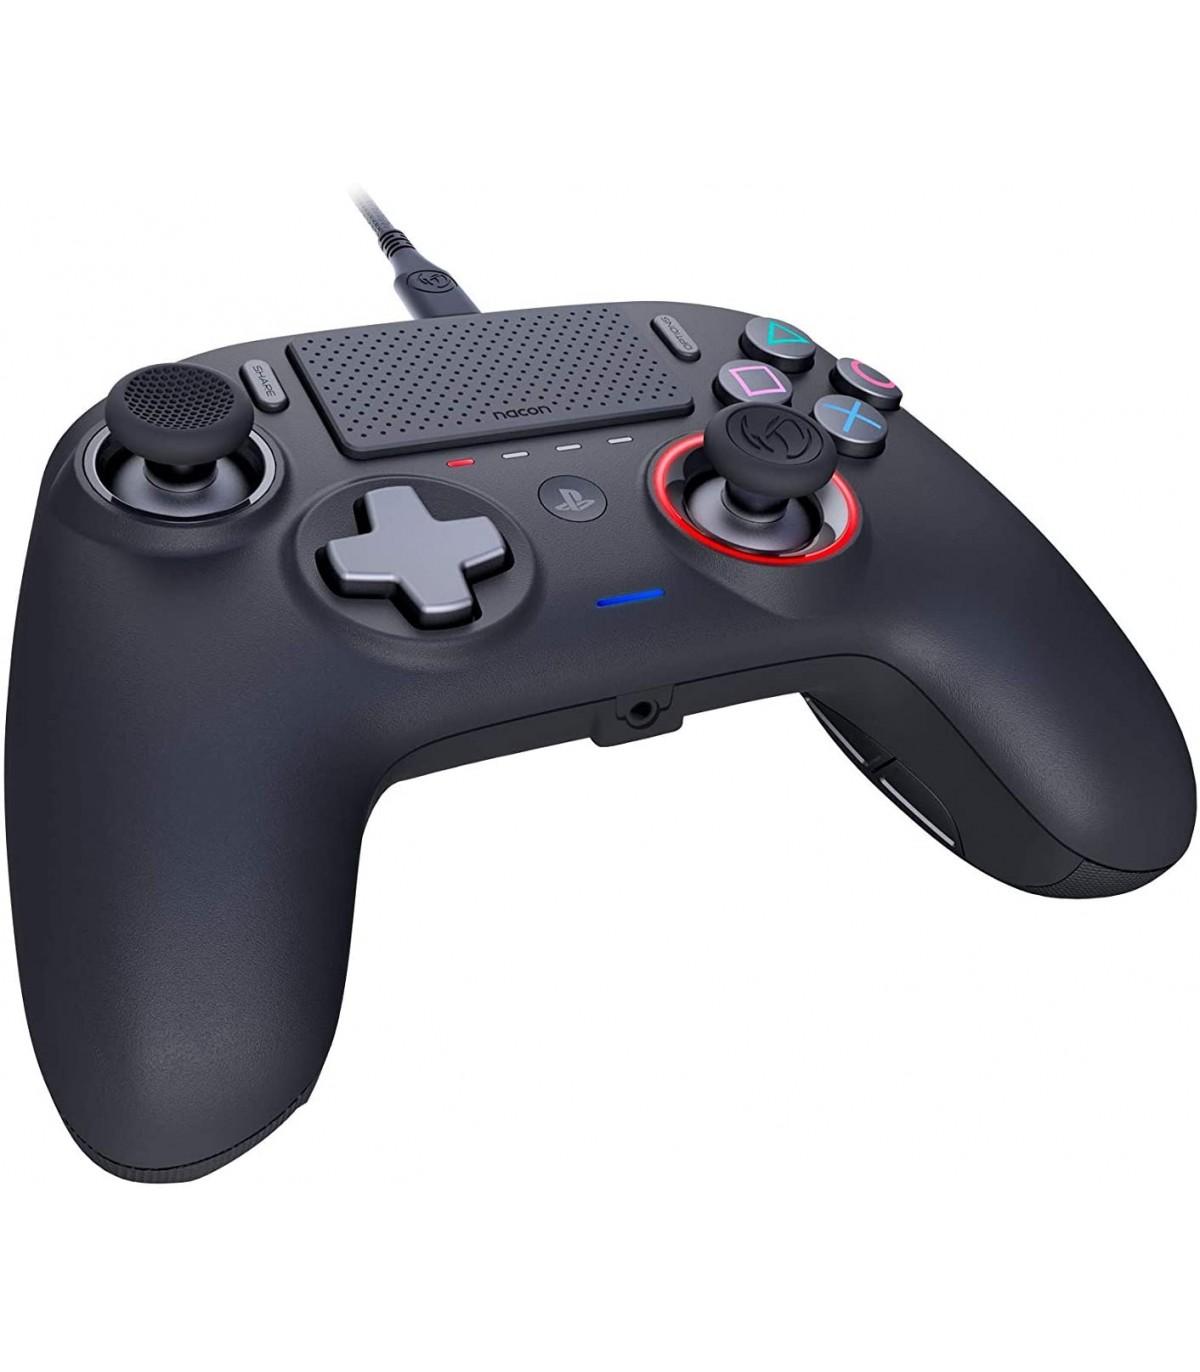 دسته بازی Nacon Revolution Pro Controller 3 برای PS4 و PC